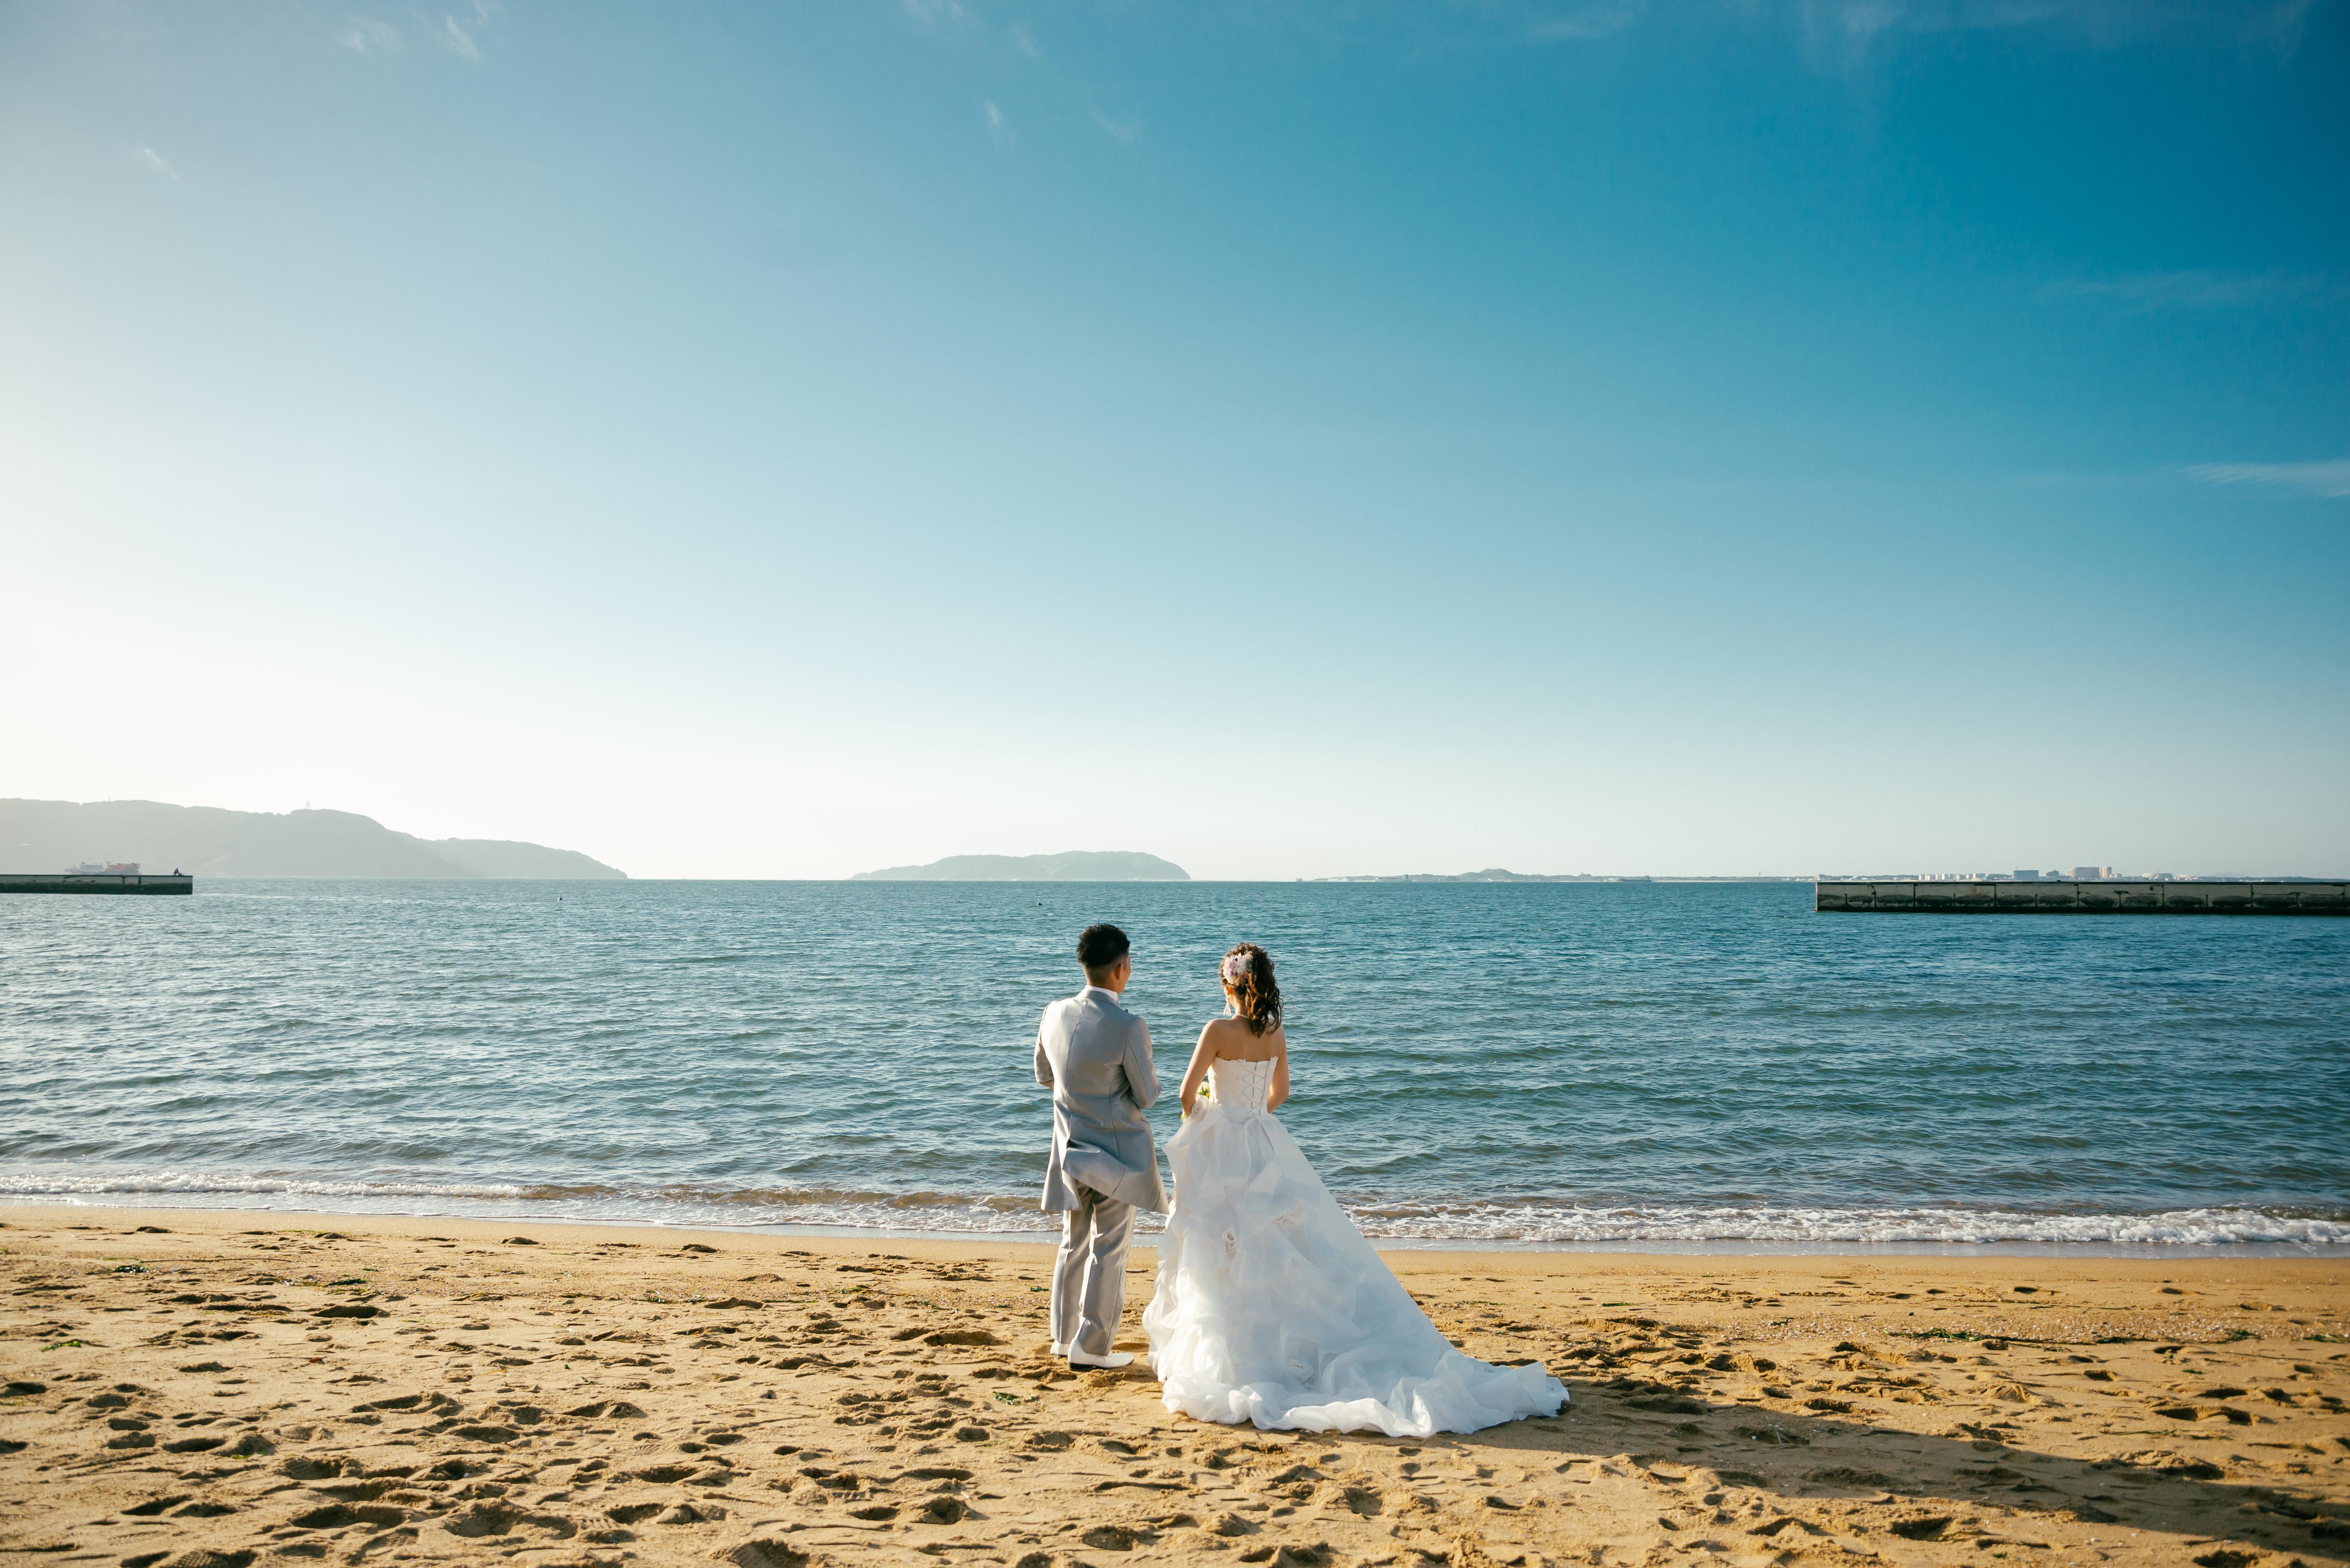 シーサイドももち海浜公園|フォトウェディング・前撮りに人気のロケーションスポット|福岡・九州でフォトウェディング・前撮りならウェディングセレクト!フォトウェディング